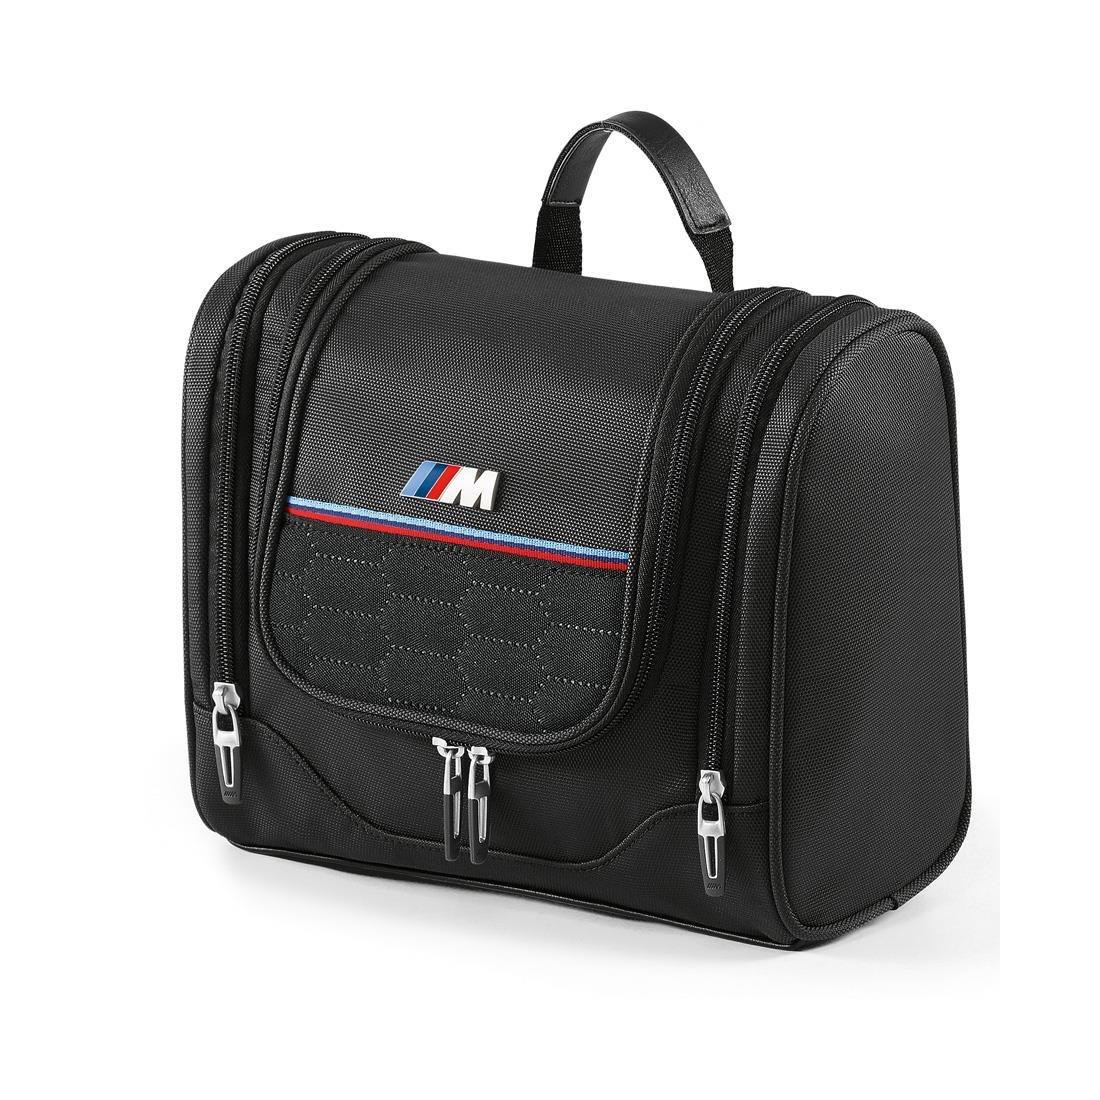 BMW 80-22-2-410-942 Bag (M Amenity :809122)